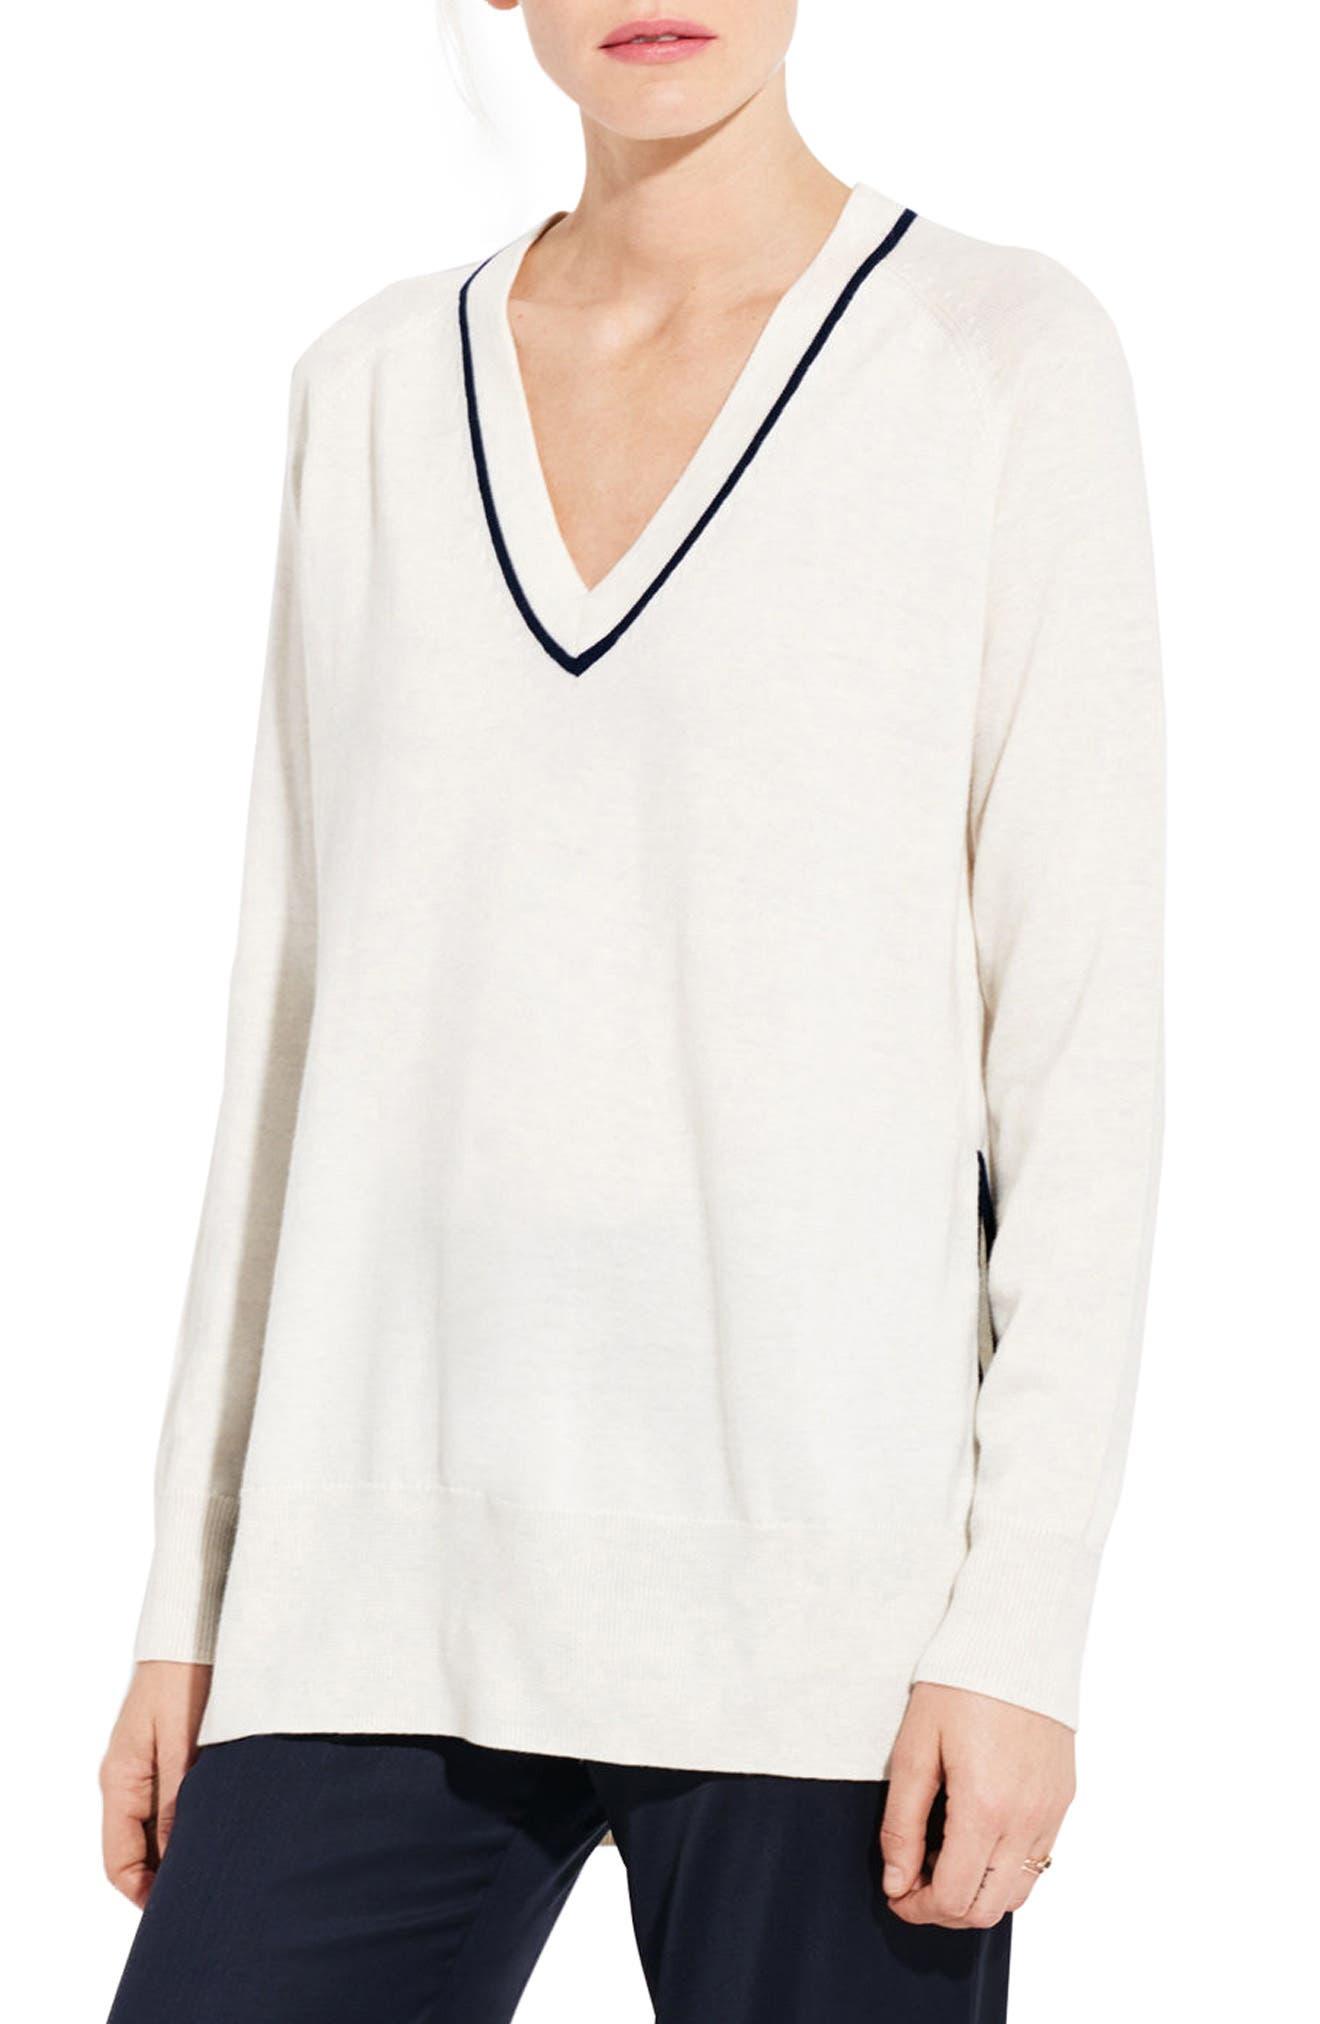 Main Image - AYR The Tune Merino Wool Sweater